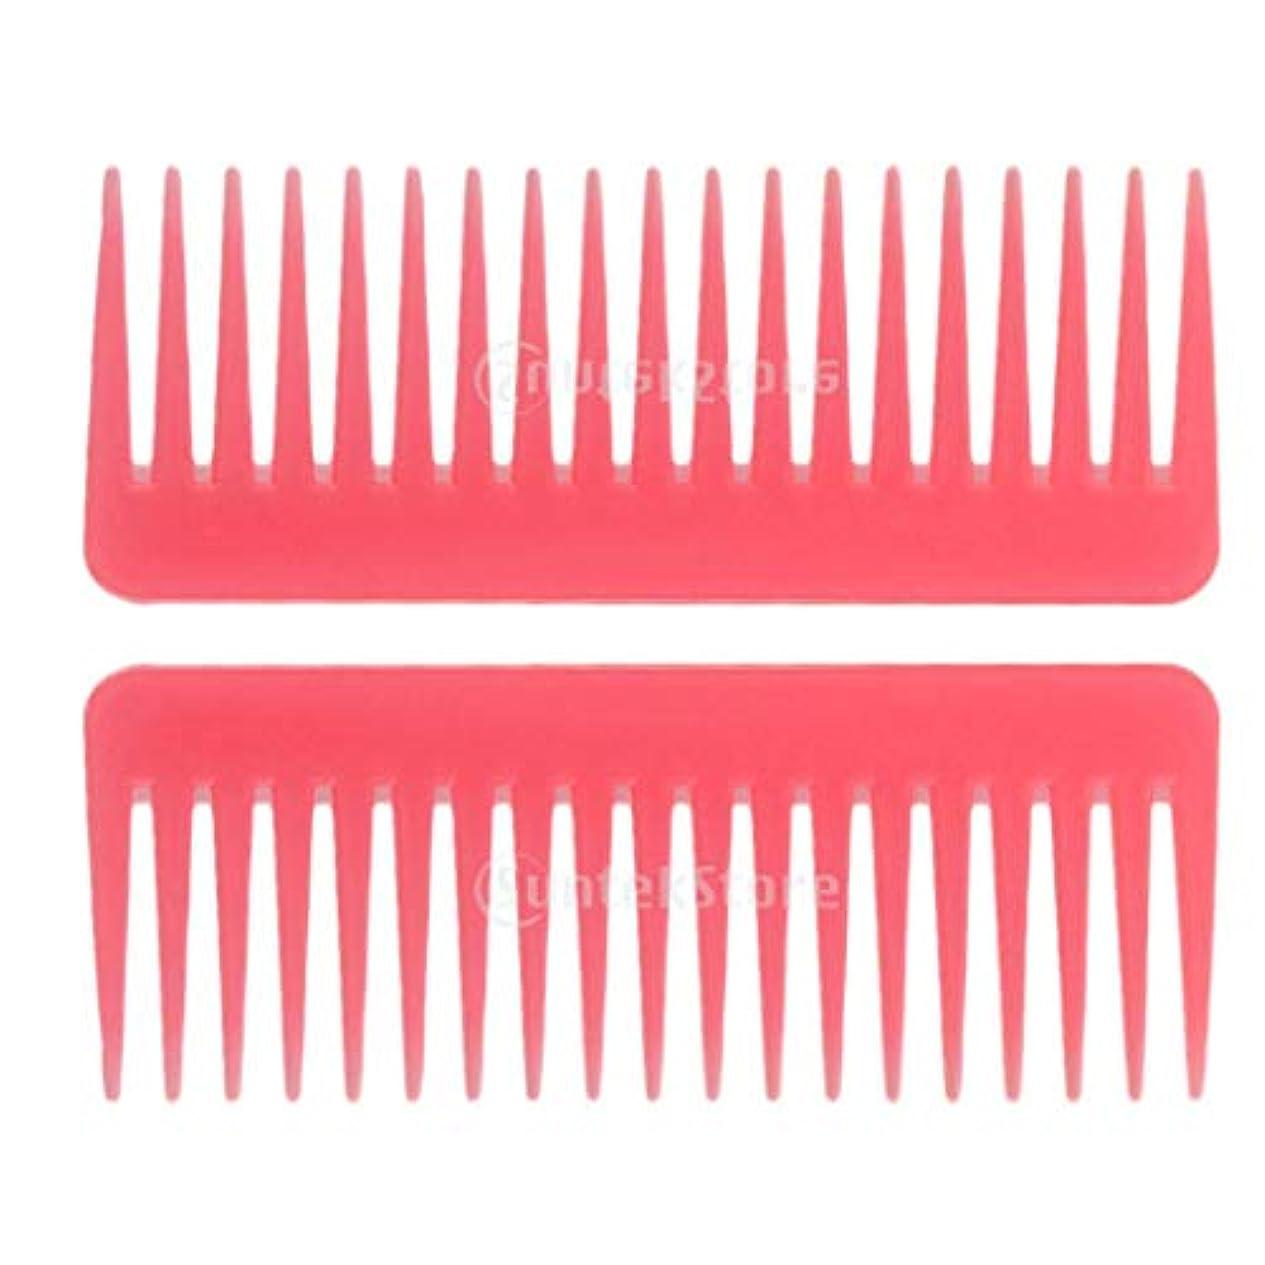 ブレイズ巧みな報酬ヘアブラシ ヘアコーム 静電気防止櫛 広い歯コーム マッサージ サロン 理髪店 ツール 2個セット